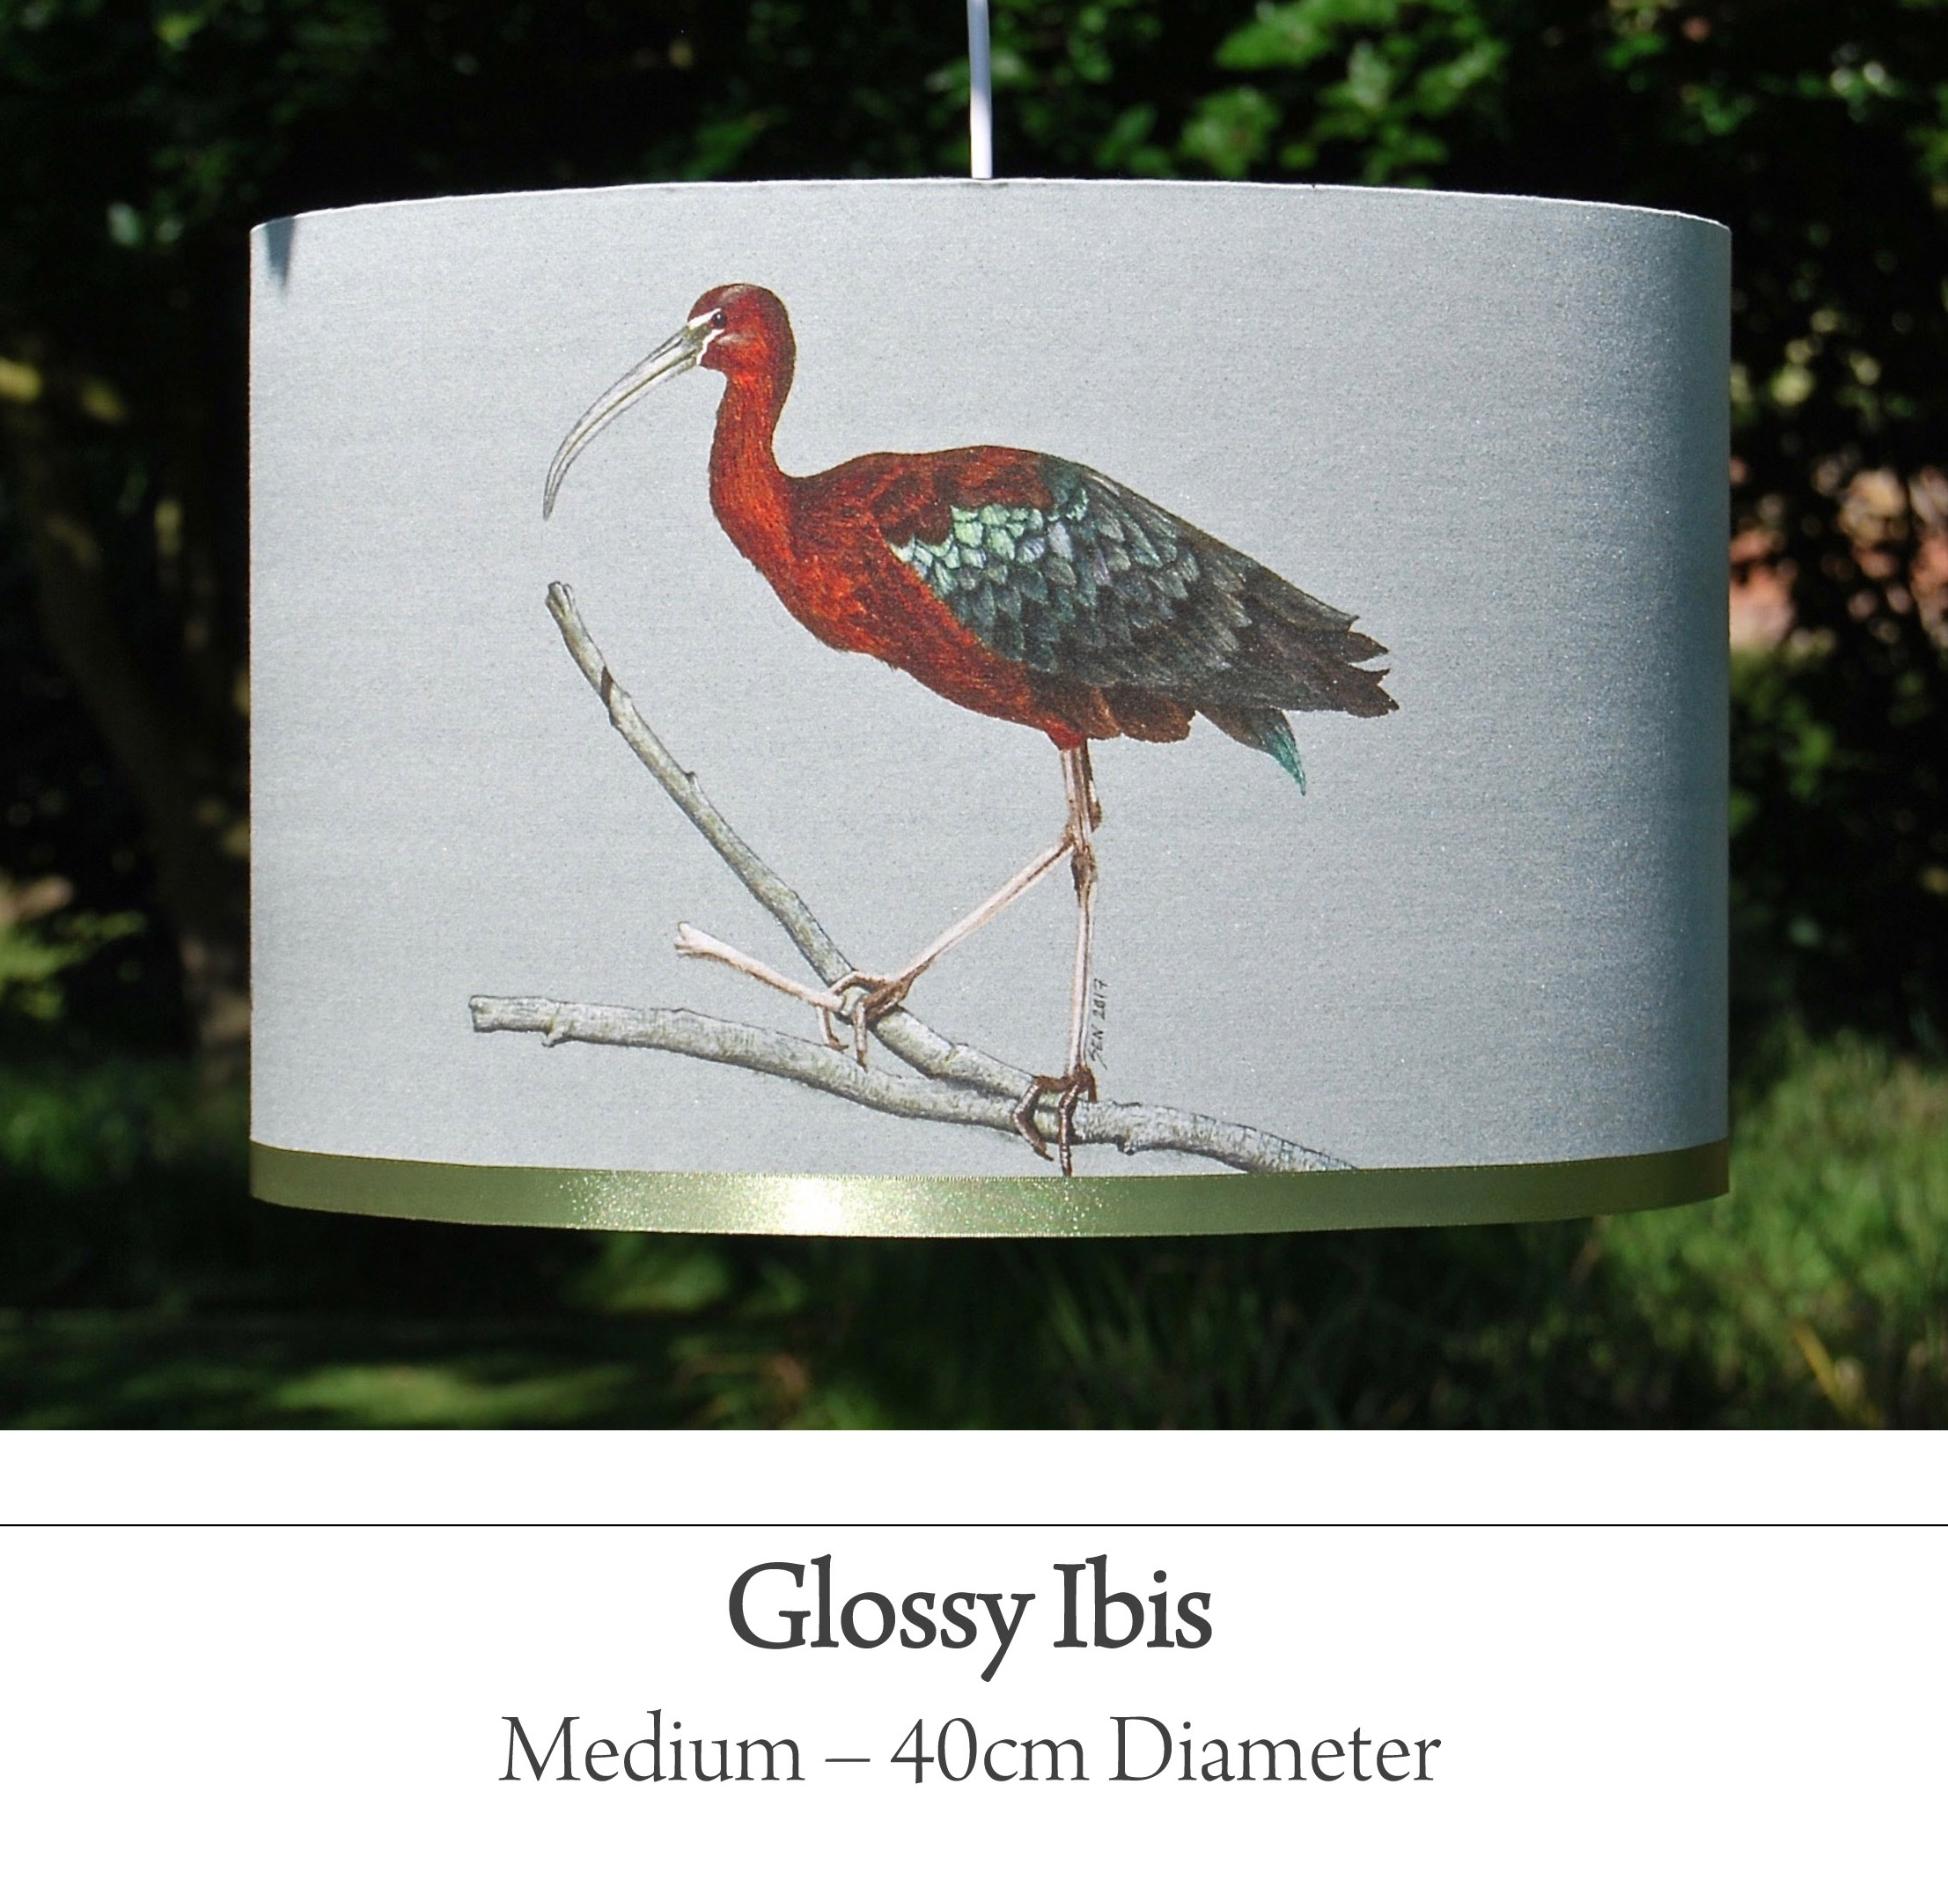 Glossy Ibis bird